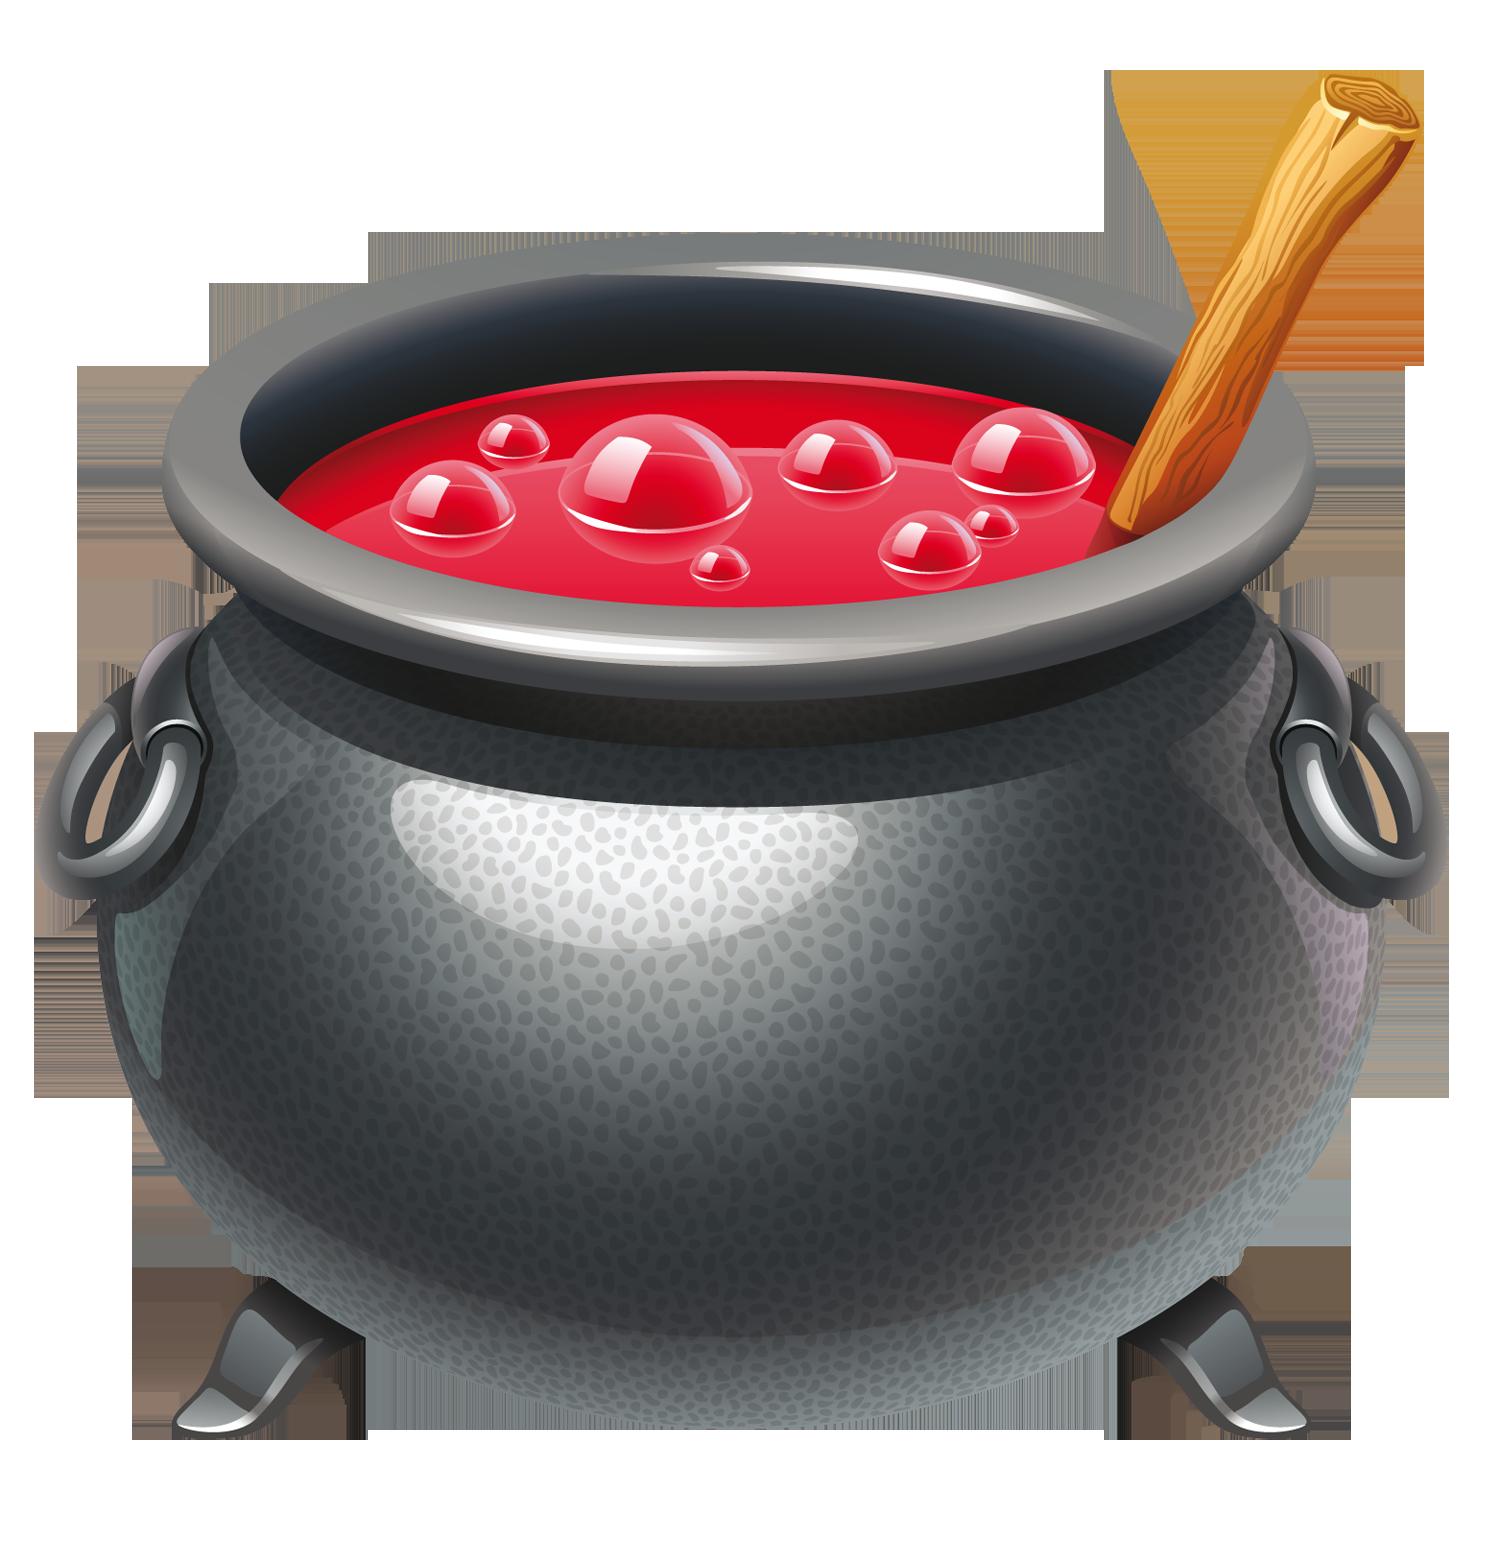 Witch_Cauldron_Clipart.png?m=1376604000.